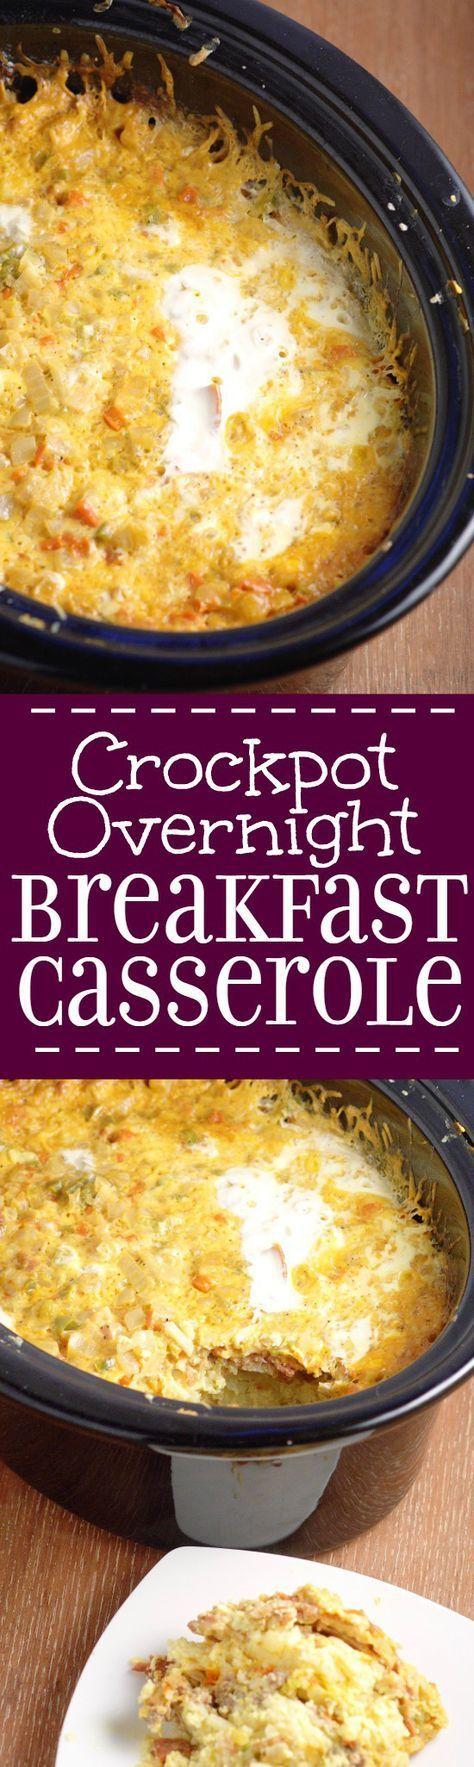 Curd casserole like in kindergarten 8